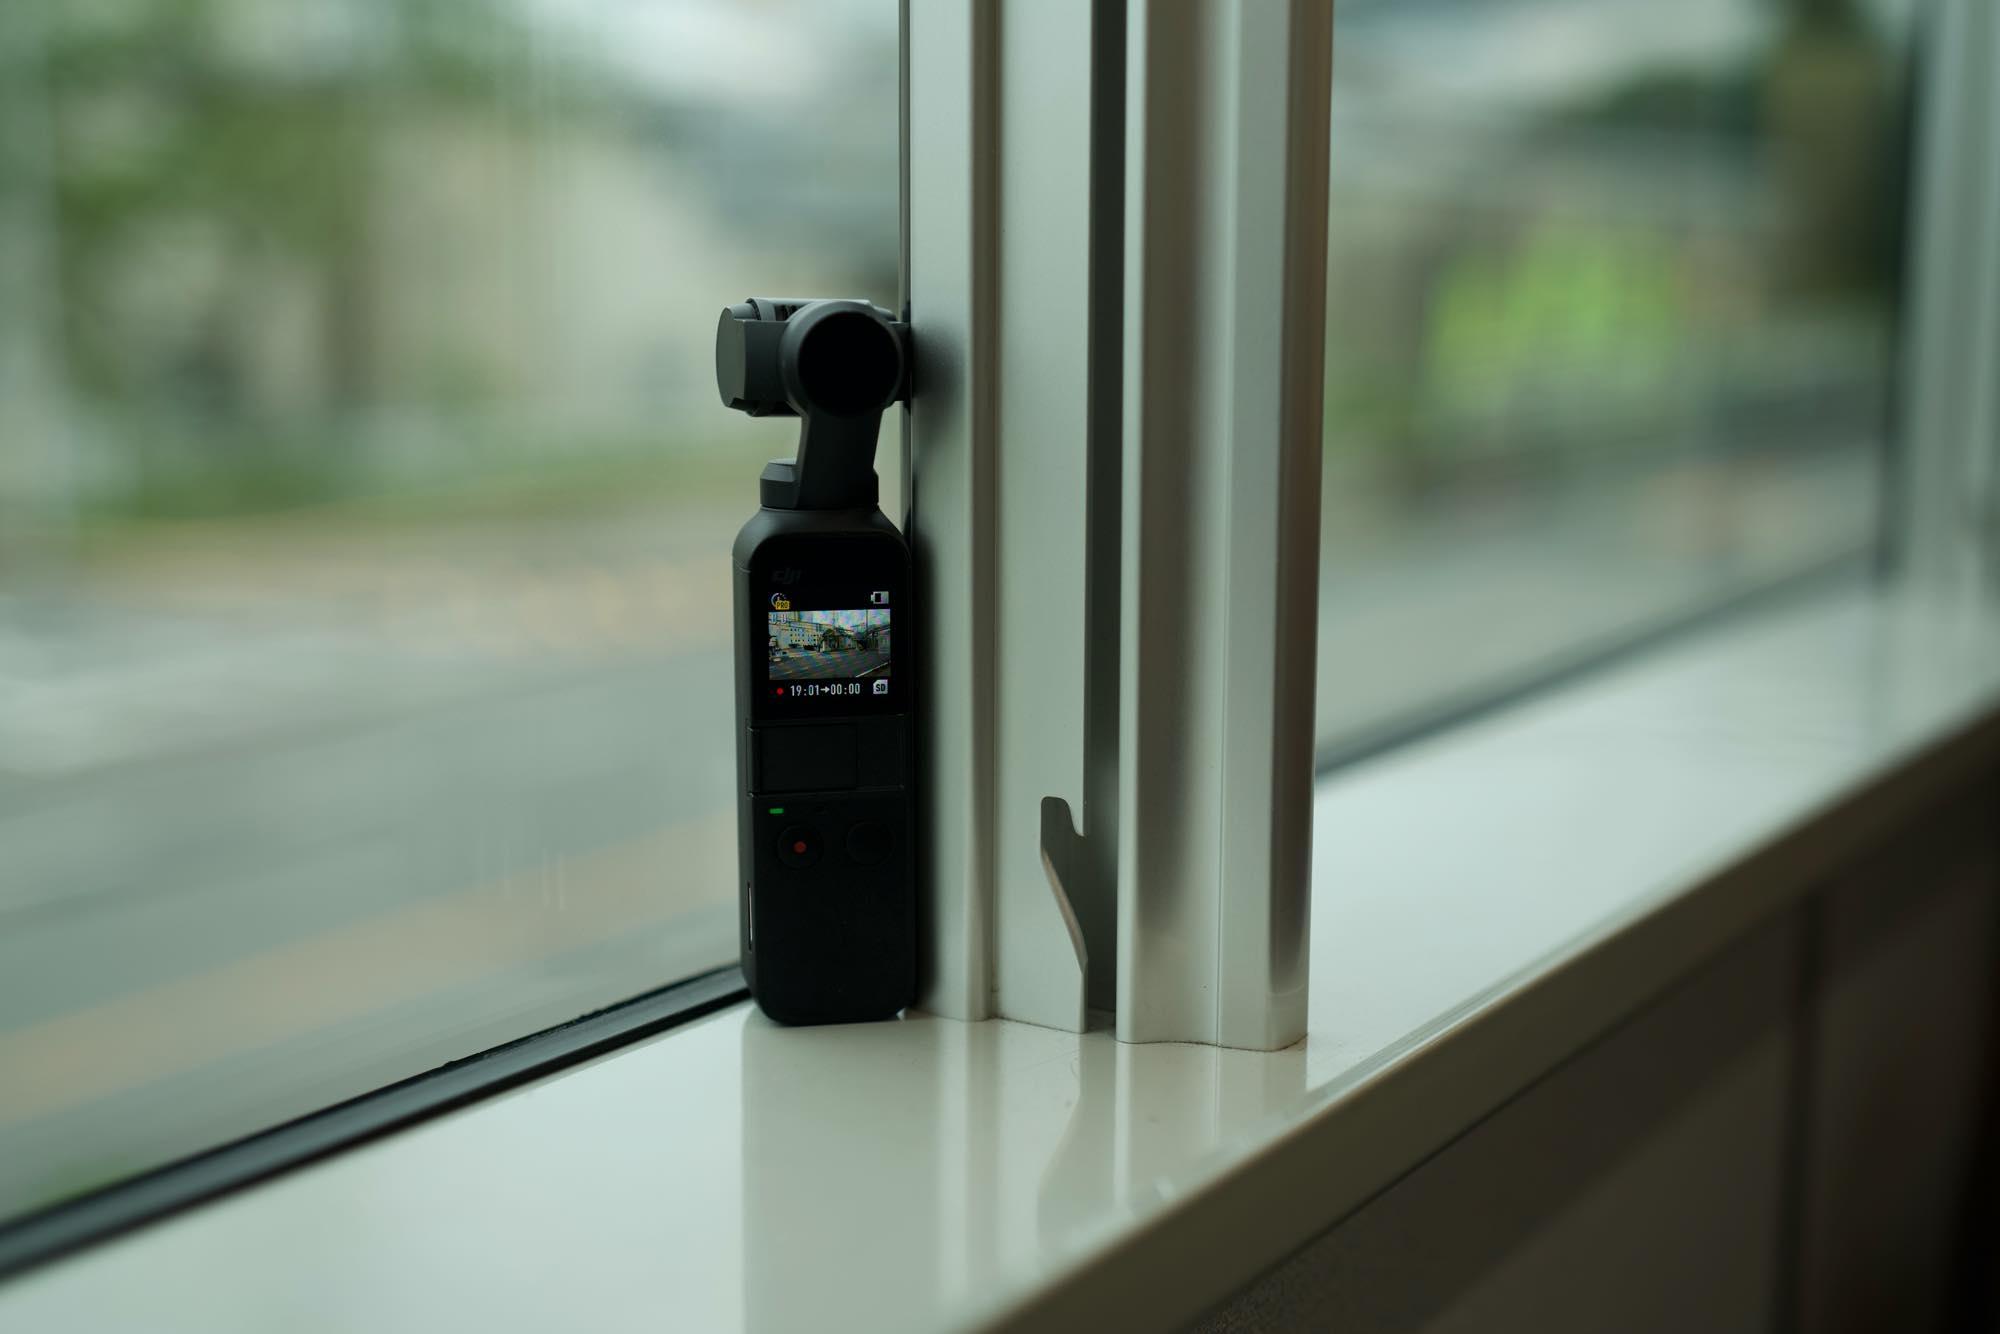 今更ながら DJI osmo pocketが超旅行向きカメラでナイスだという話